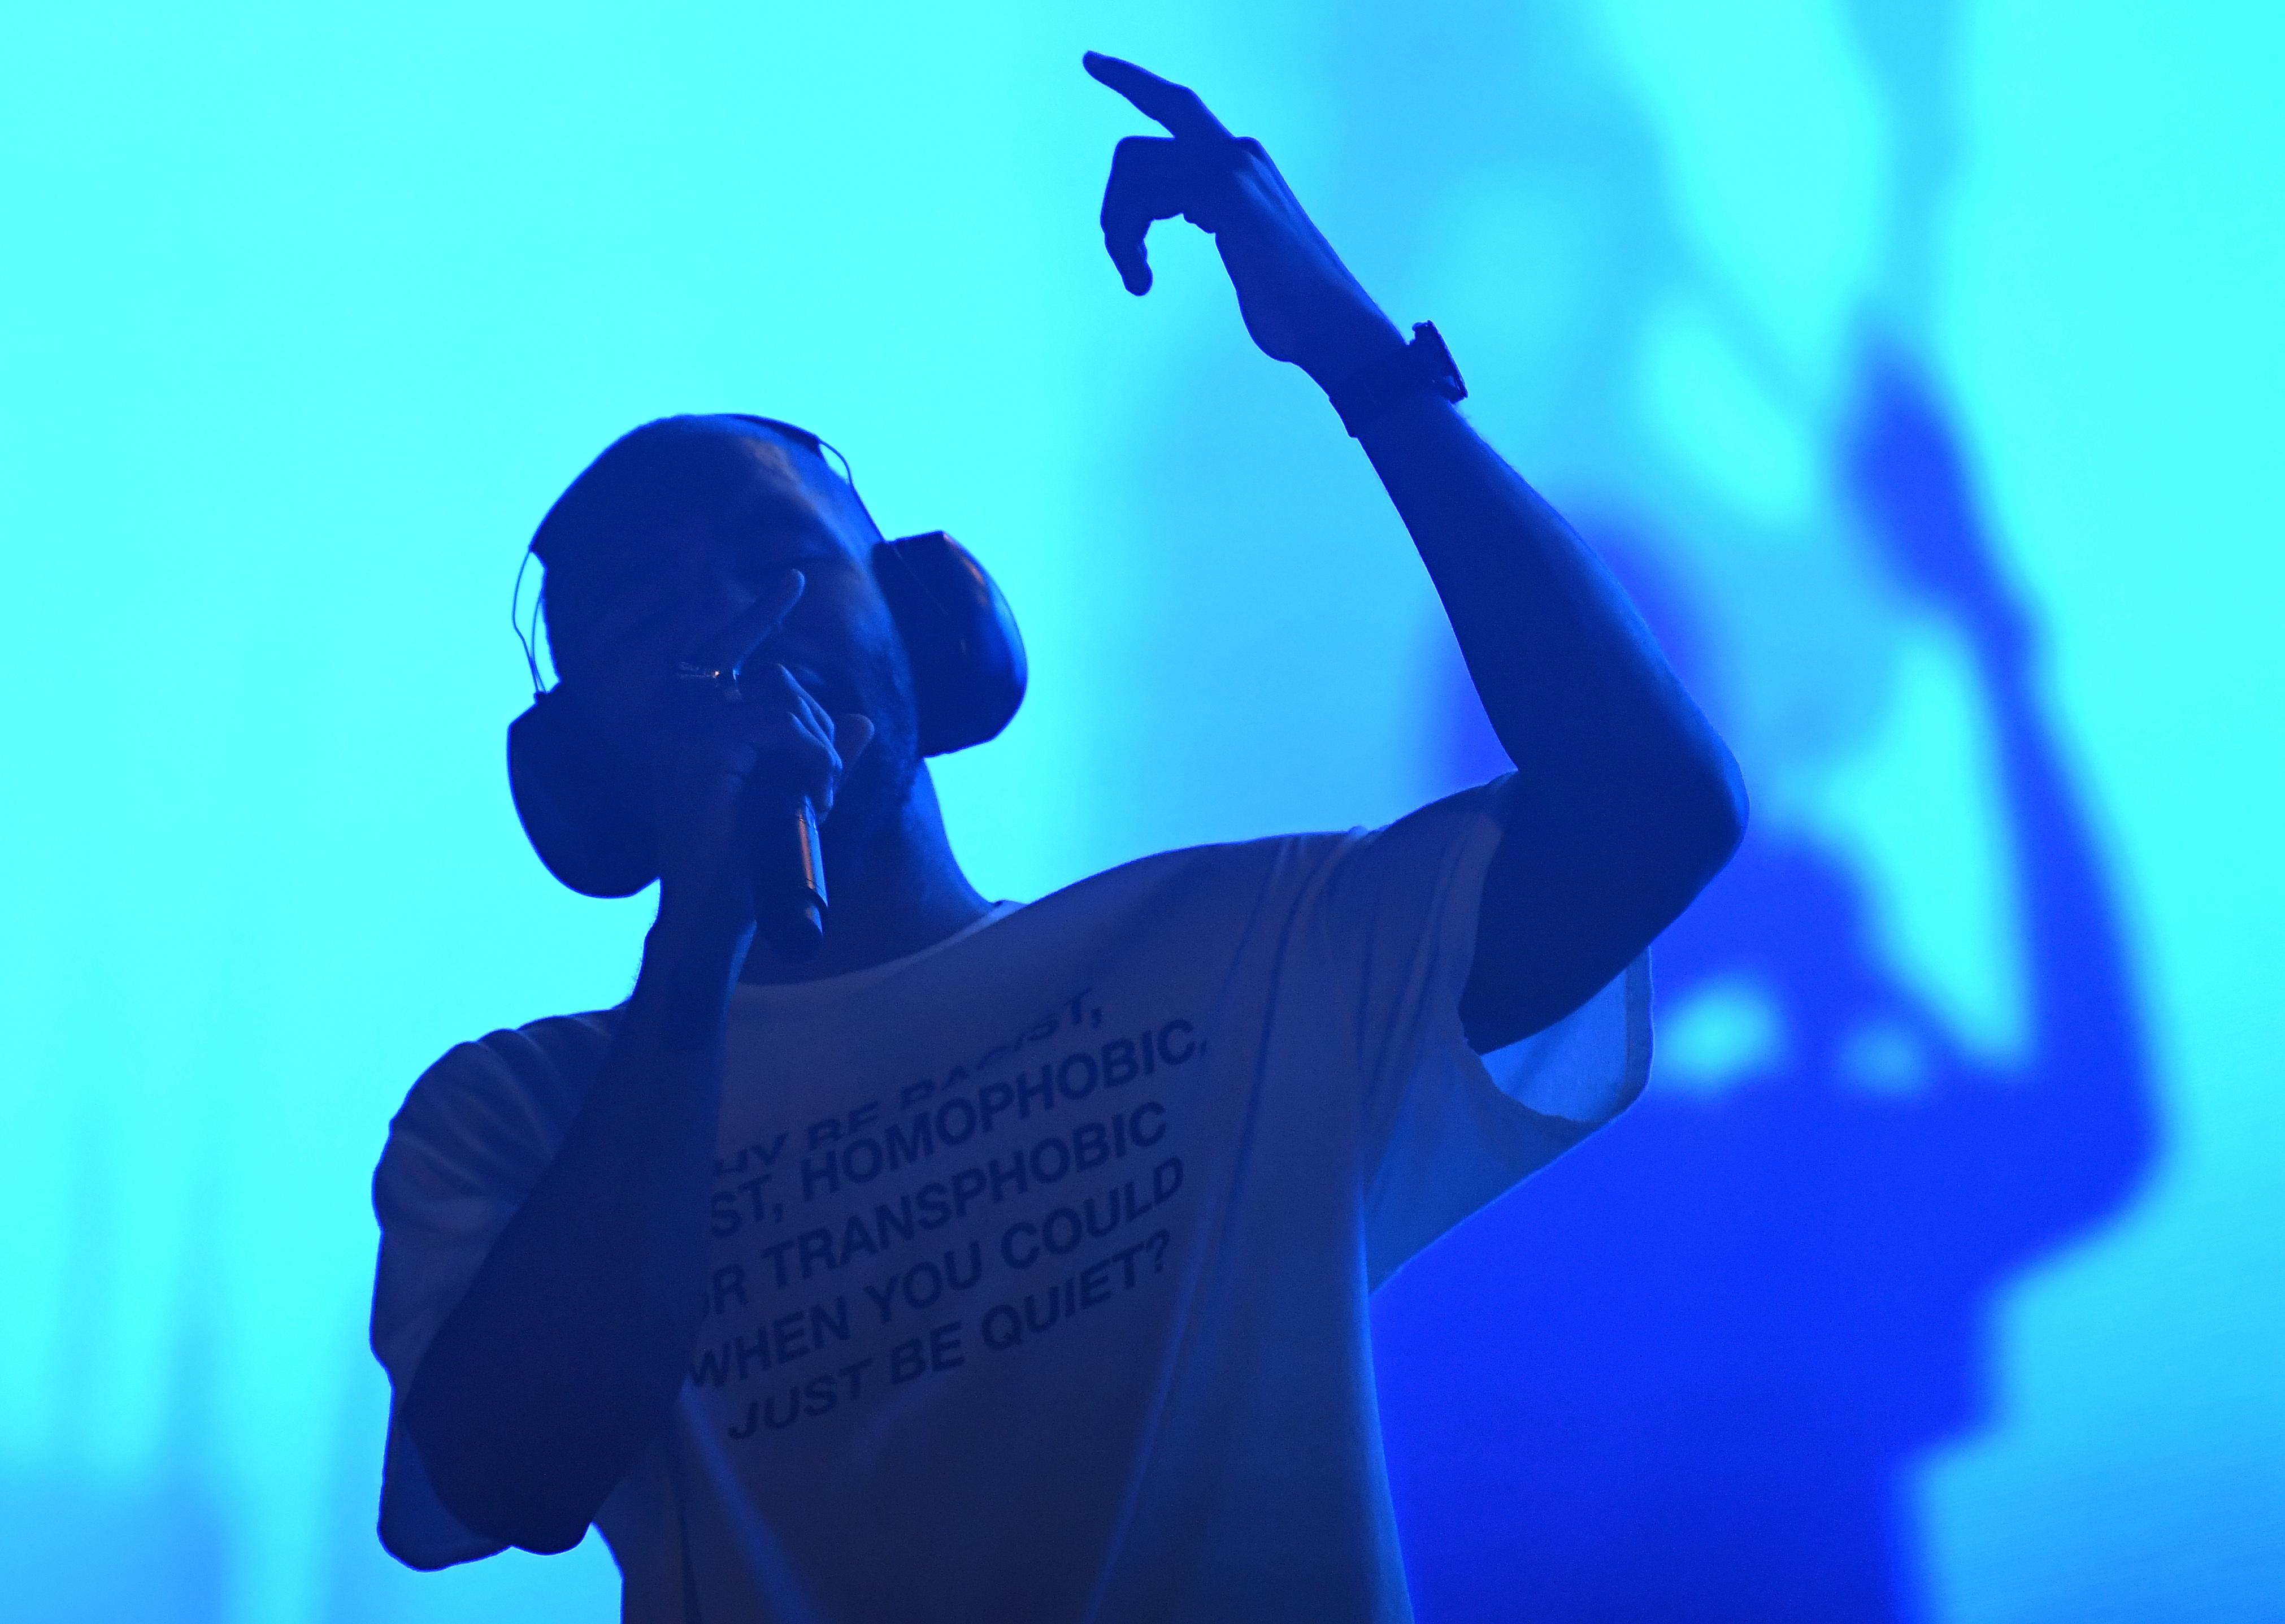 Frank Ocean Panorama T-shirt